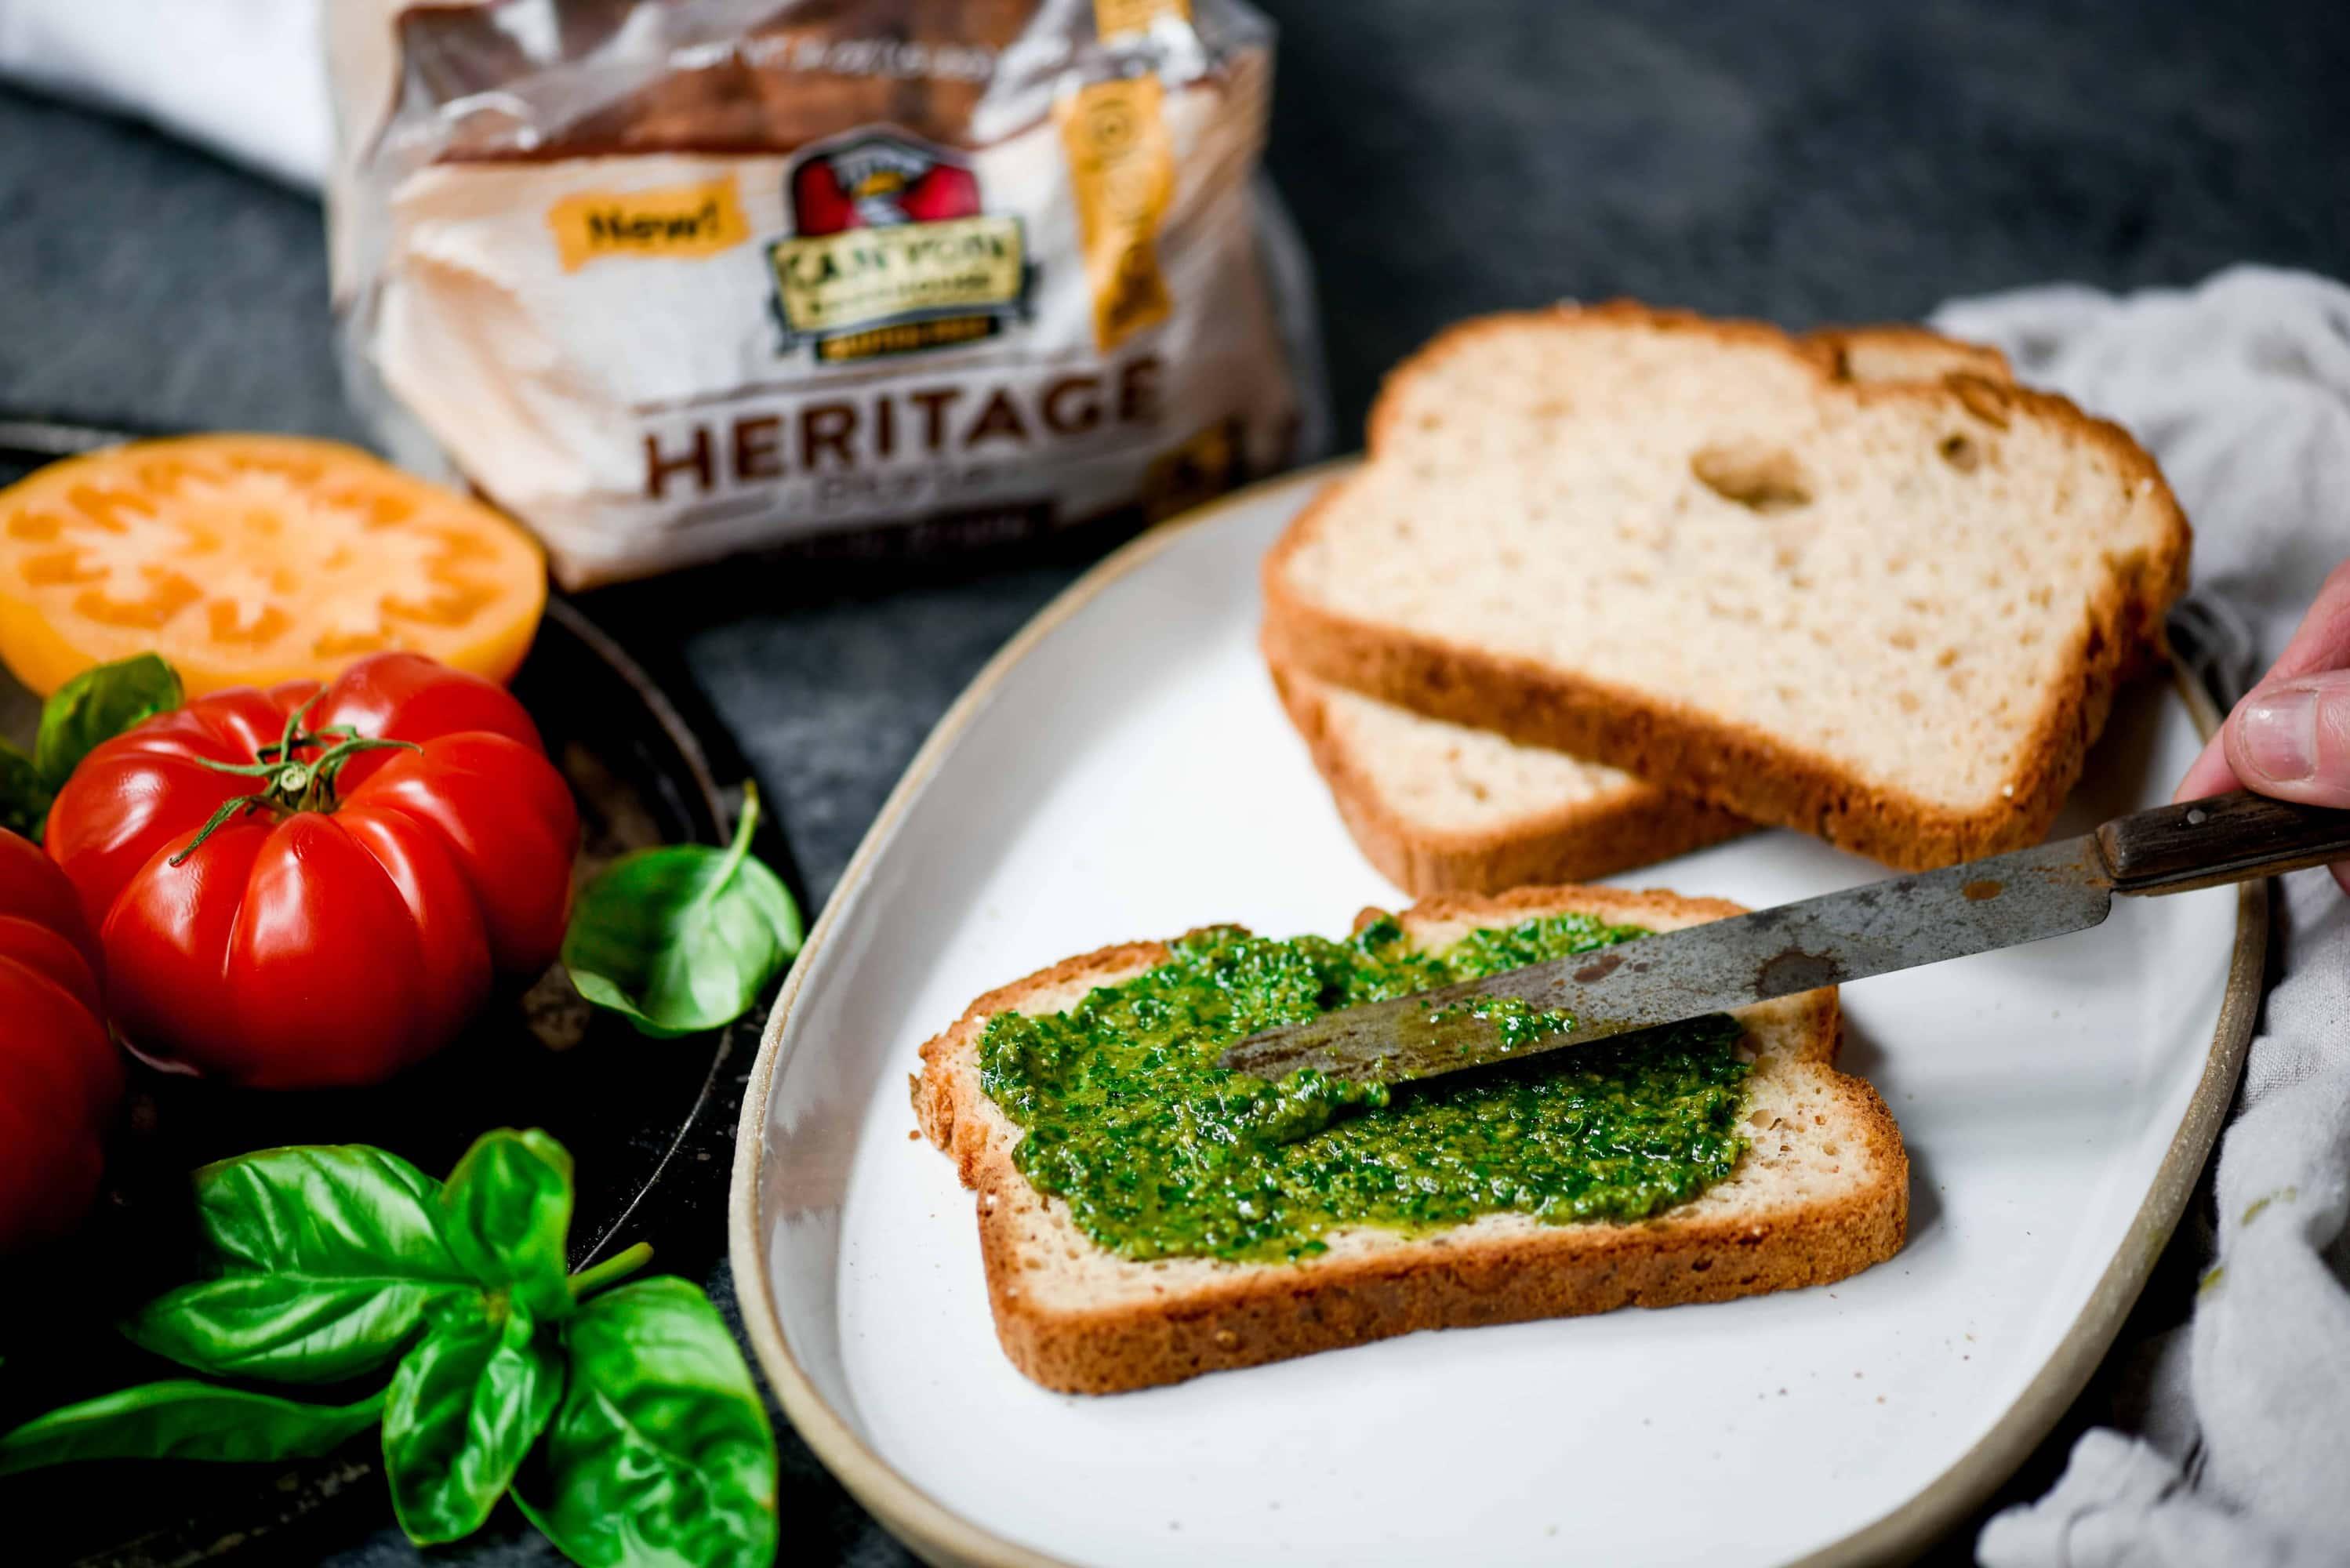 Spreading pesto onto gluten free bread on a white plate